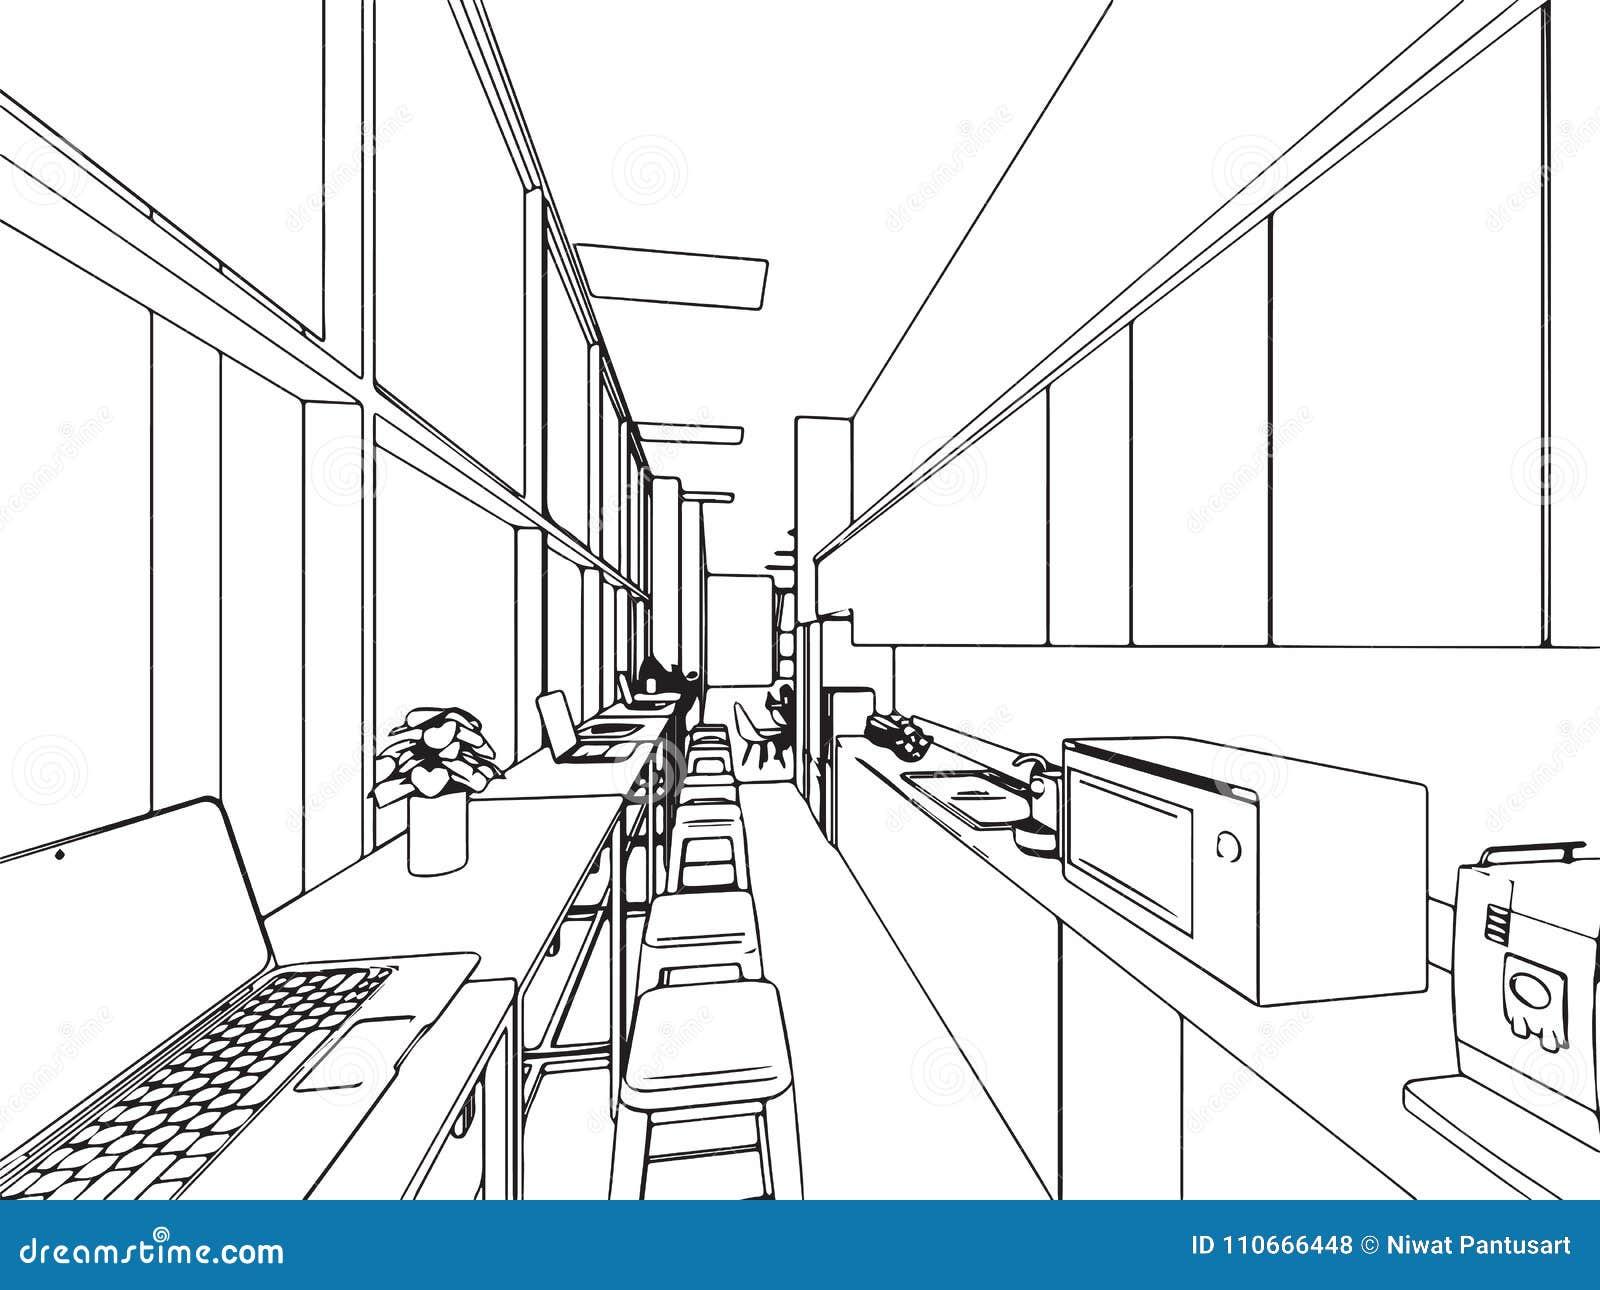 Desin D Interieur En Perspective Avec 1 Point De Fuite : Bureau intérieur de perspective dessin croquis d